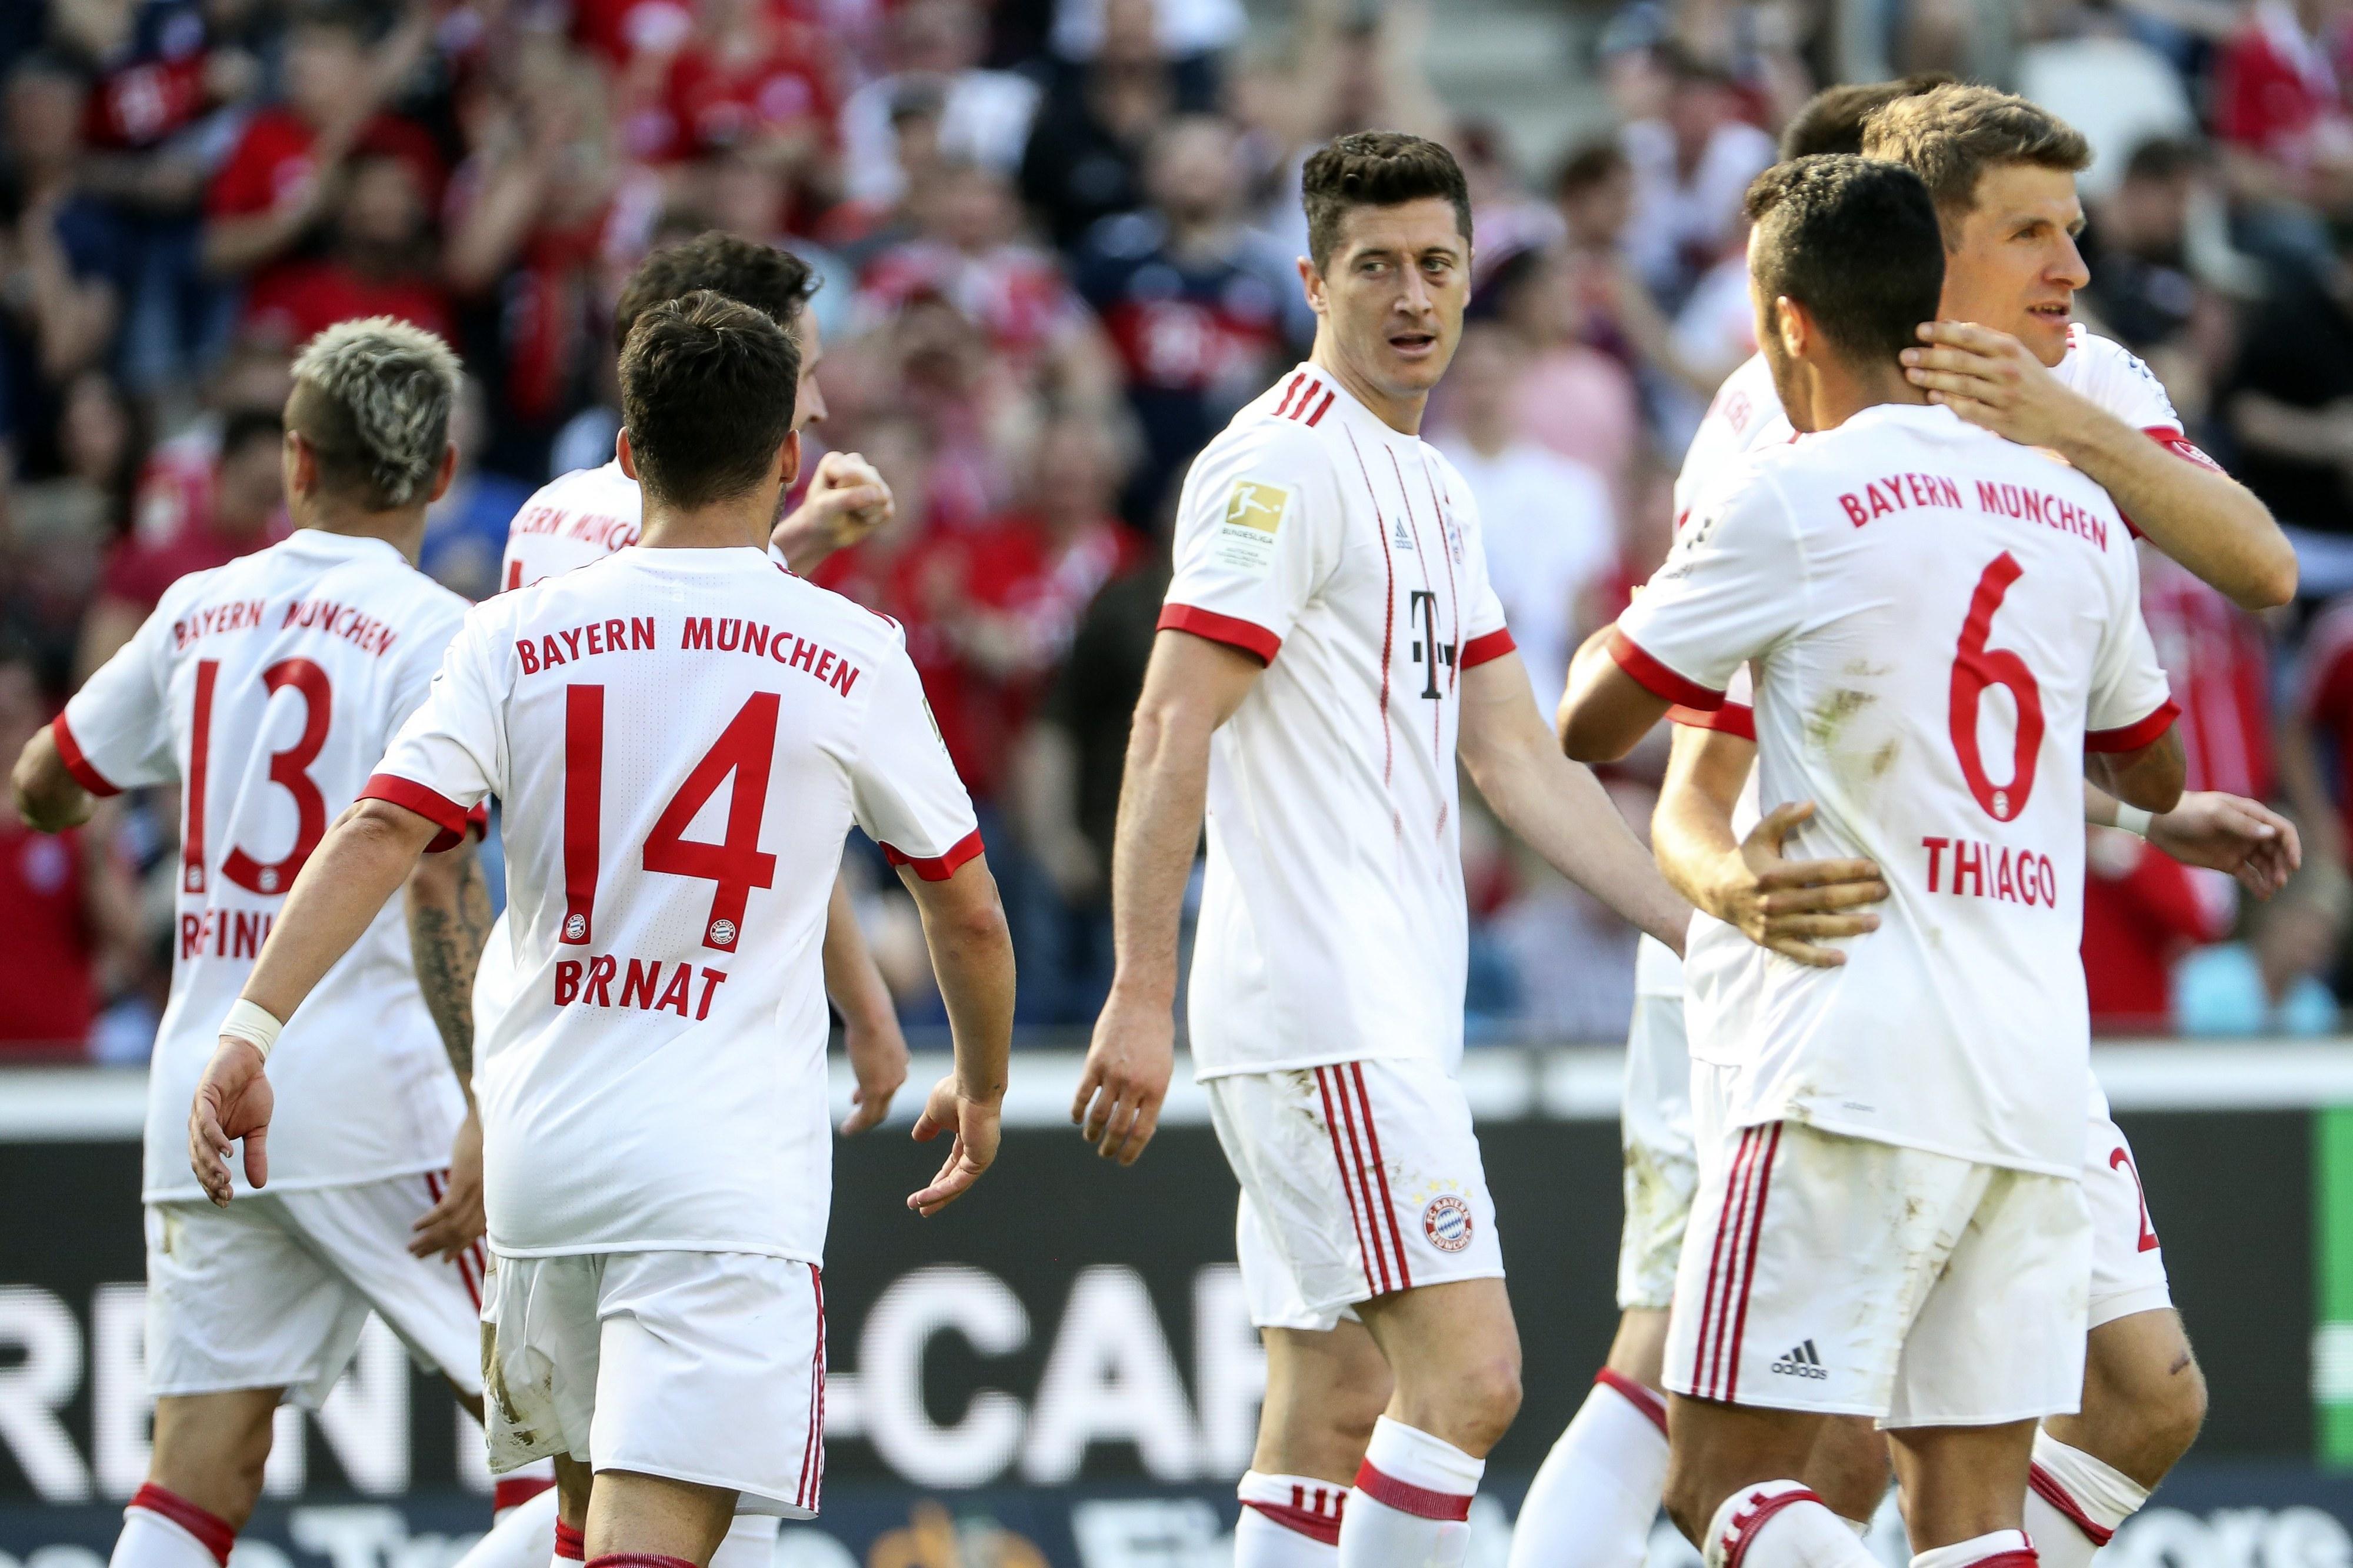 Campeão Bayern de Munique vence e dilata vantagem na liga alemã de futebol